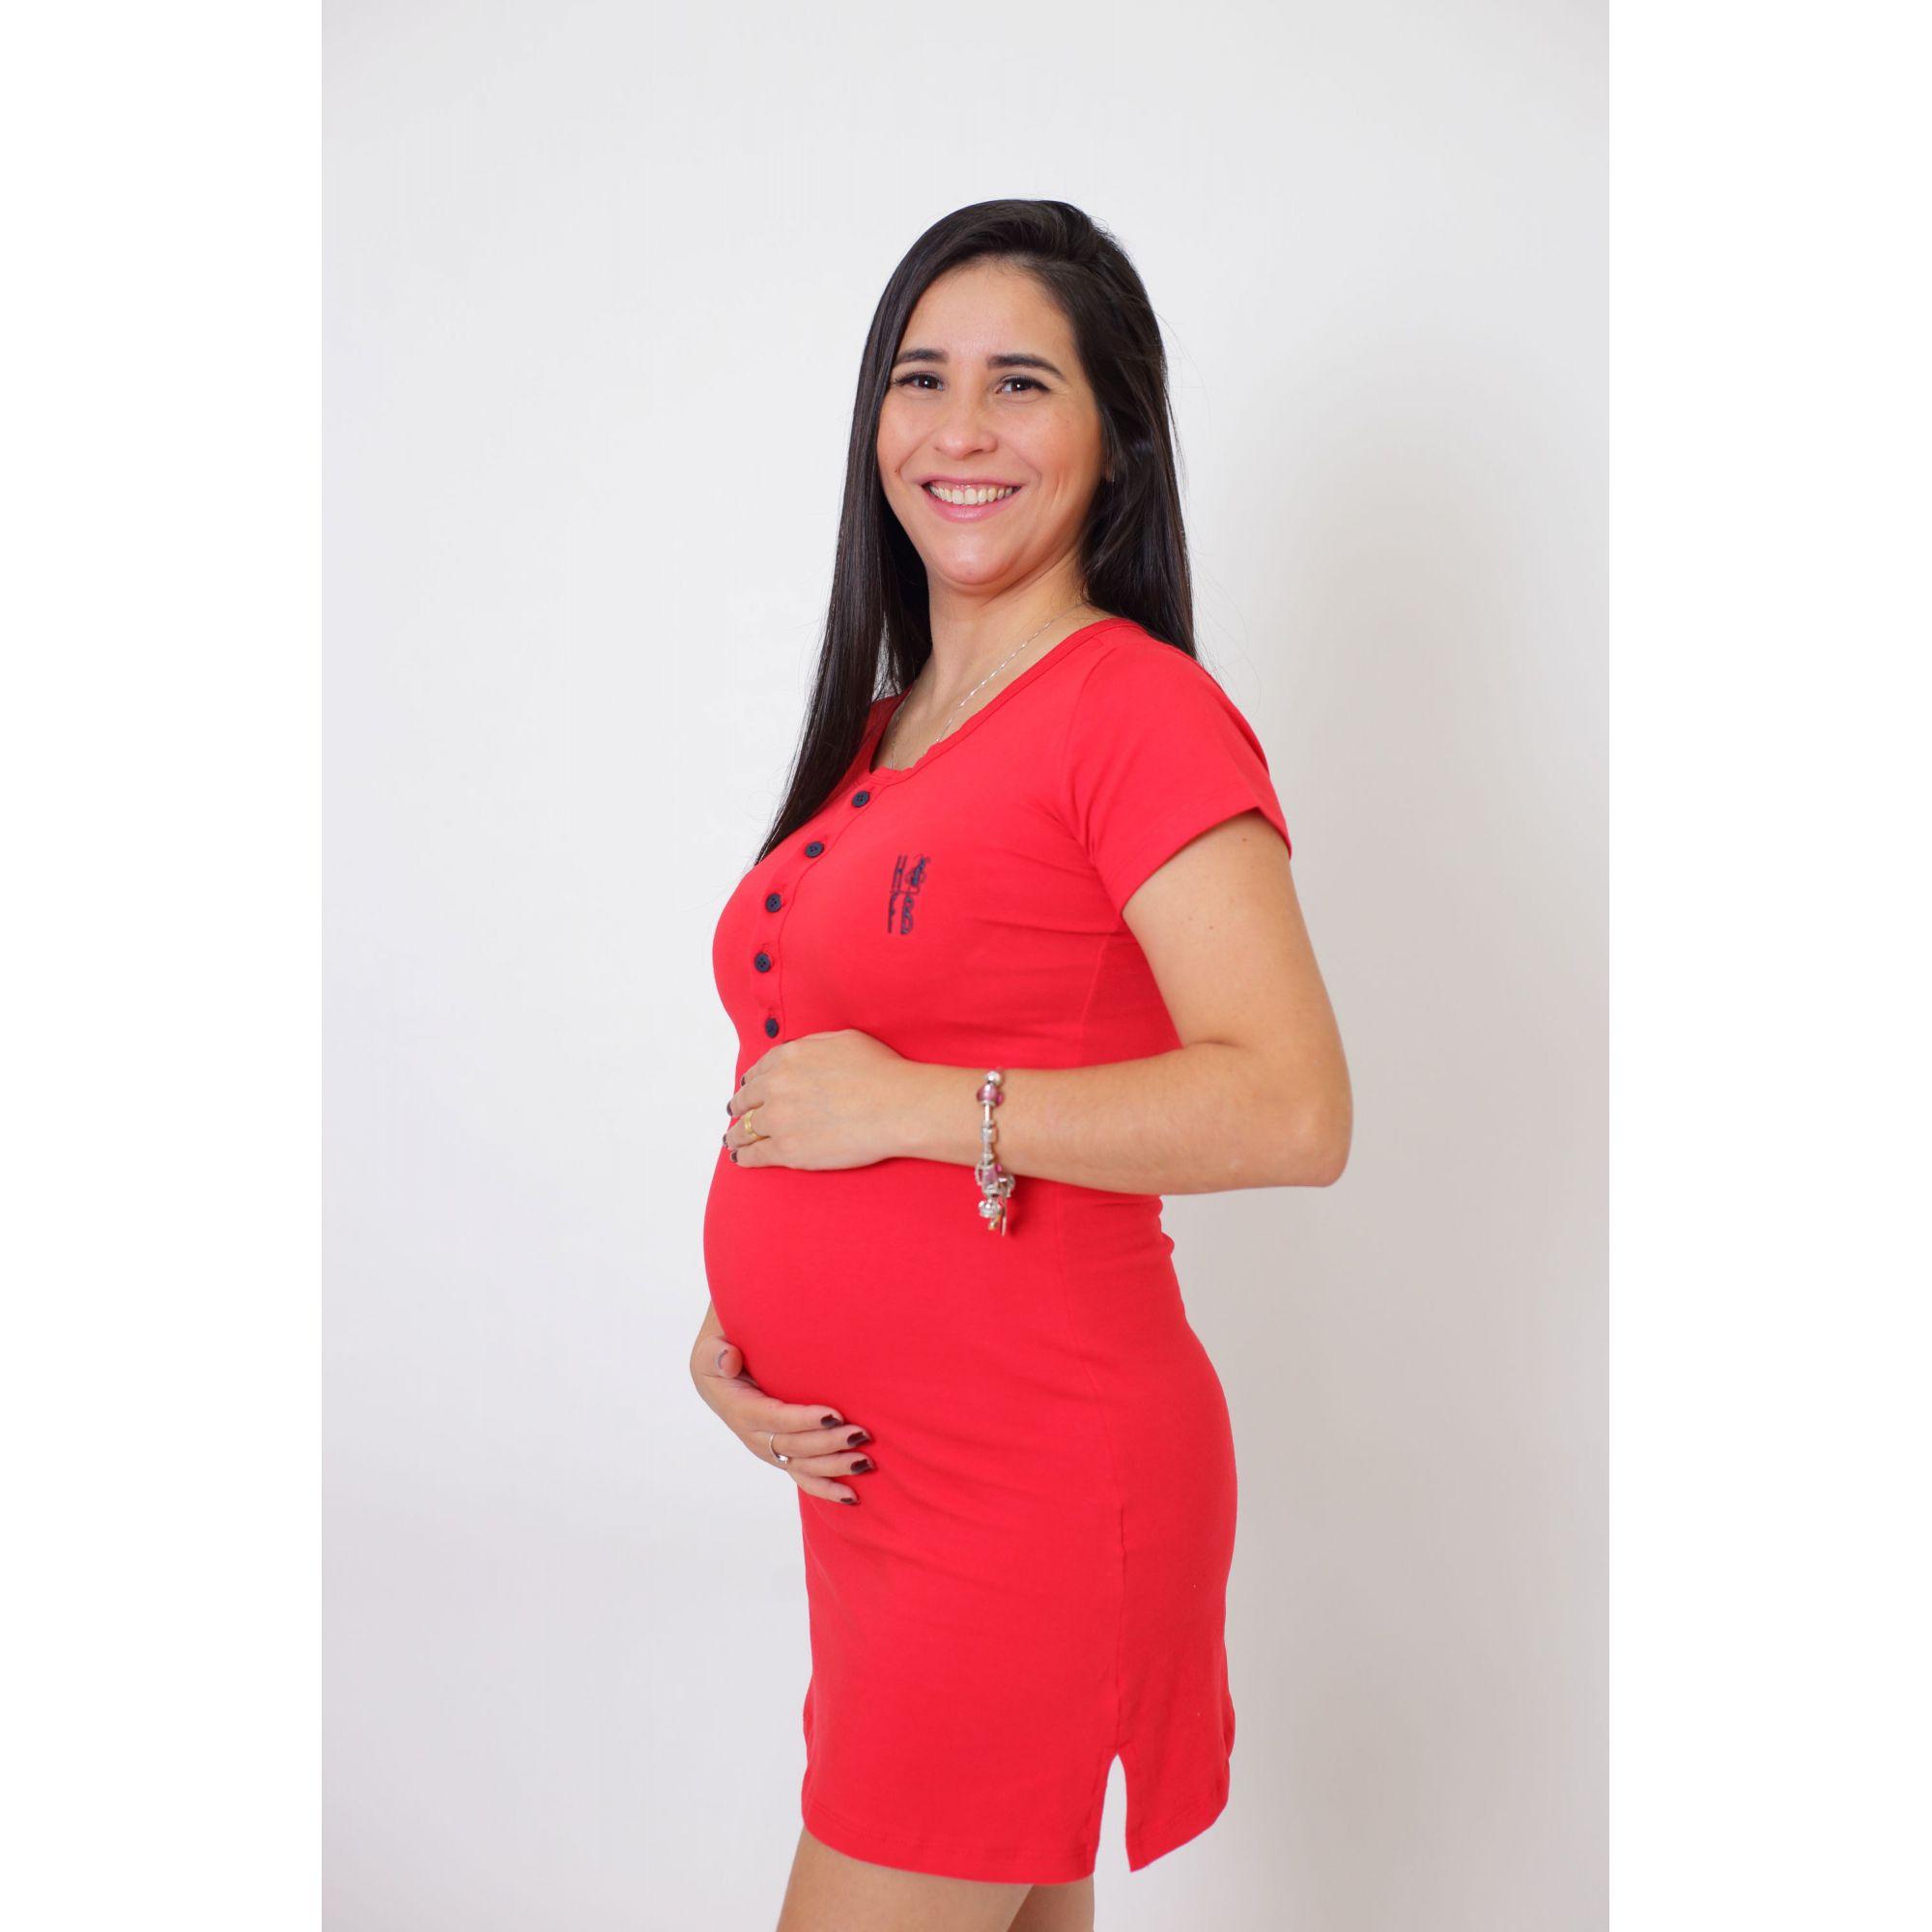 Vestido Henley Vermelho   - Heitor Fashion Brazil